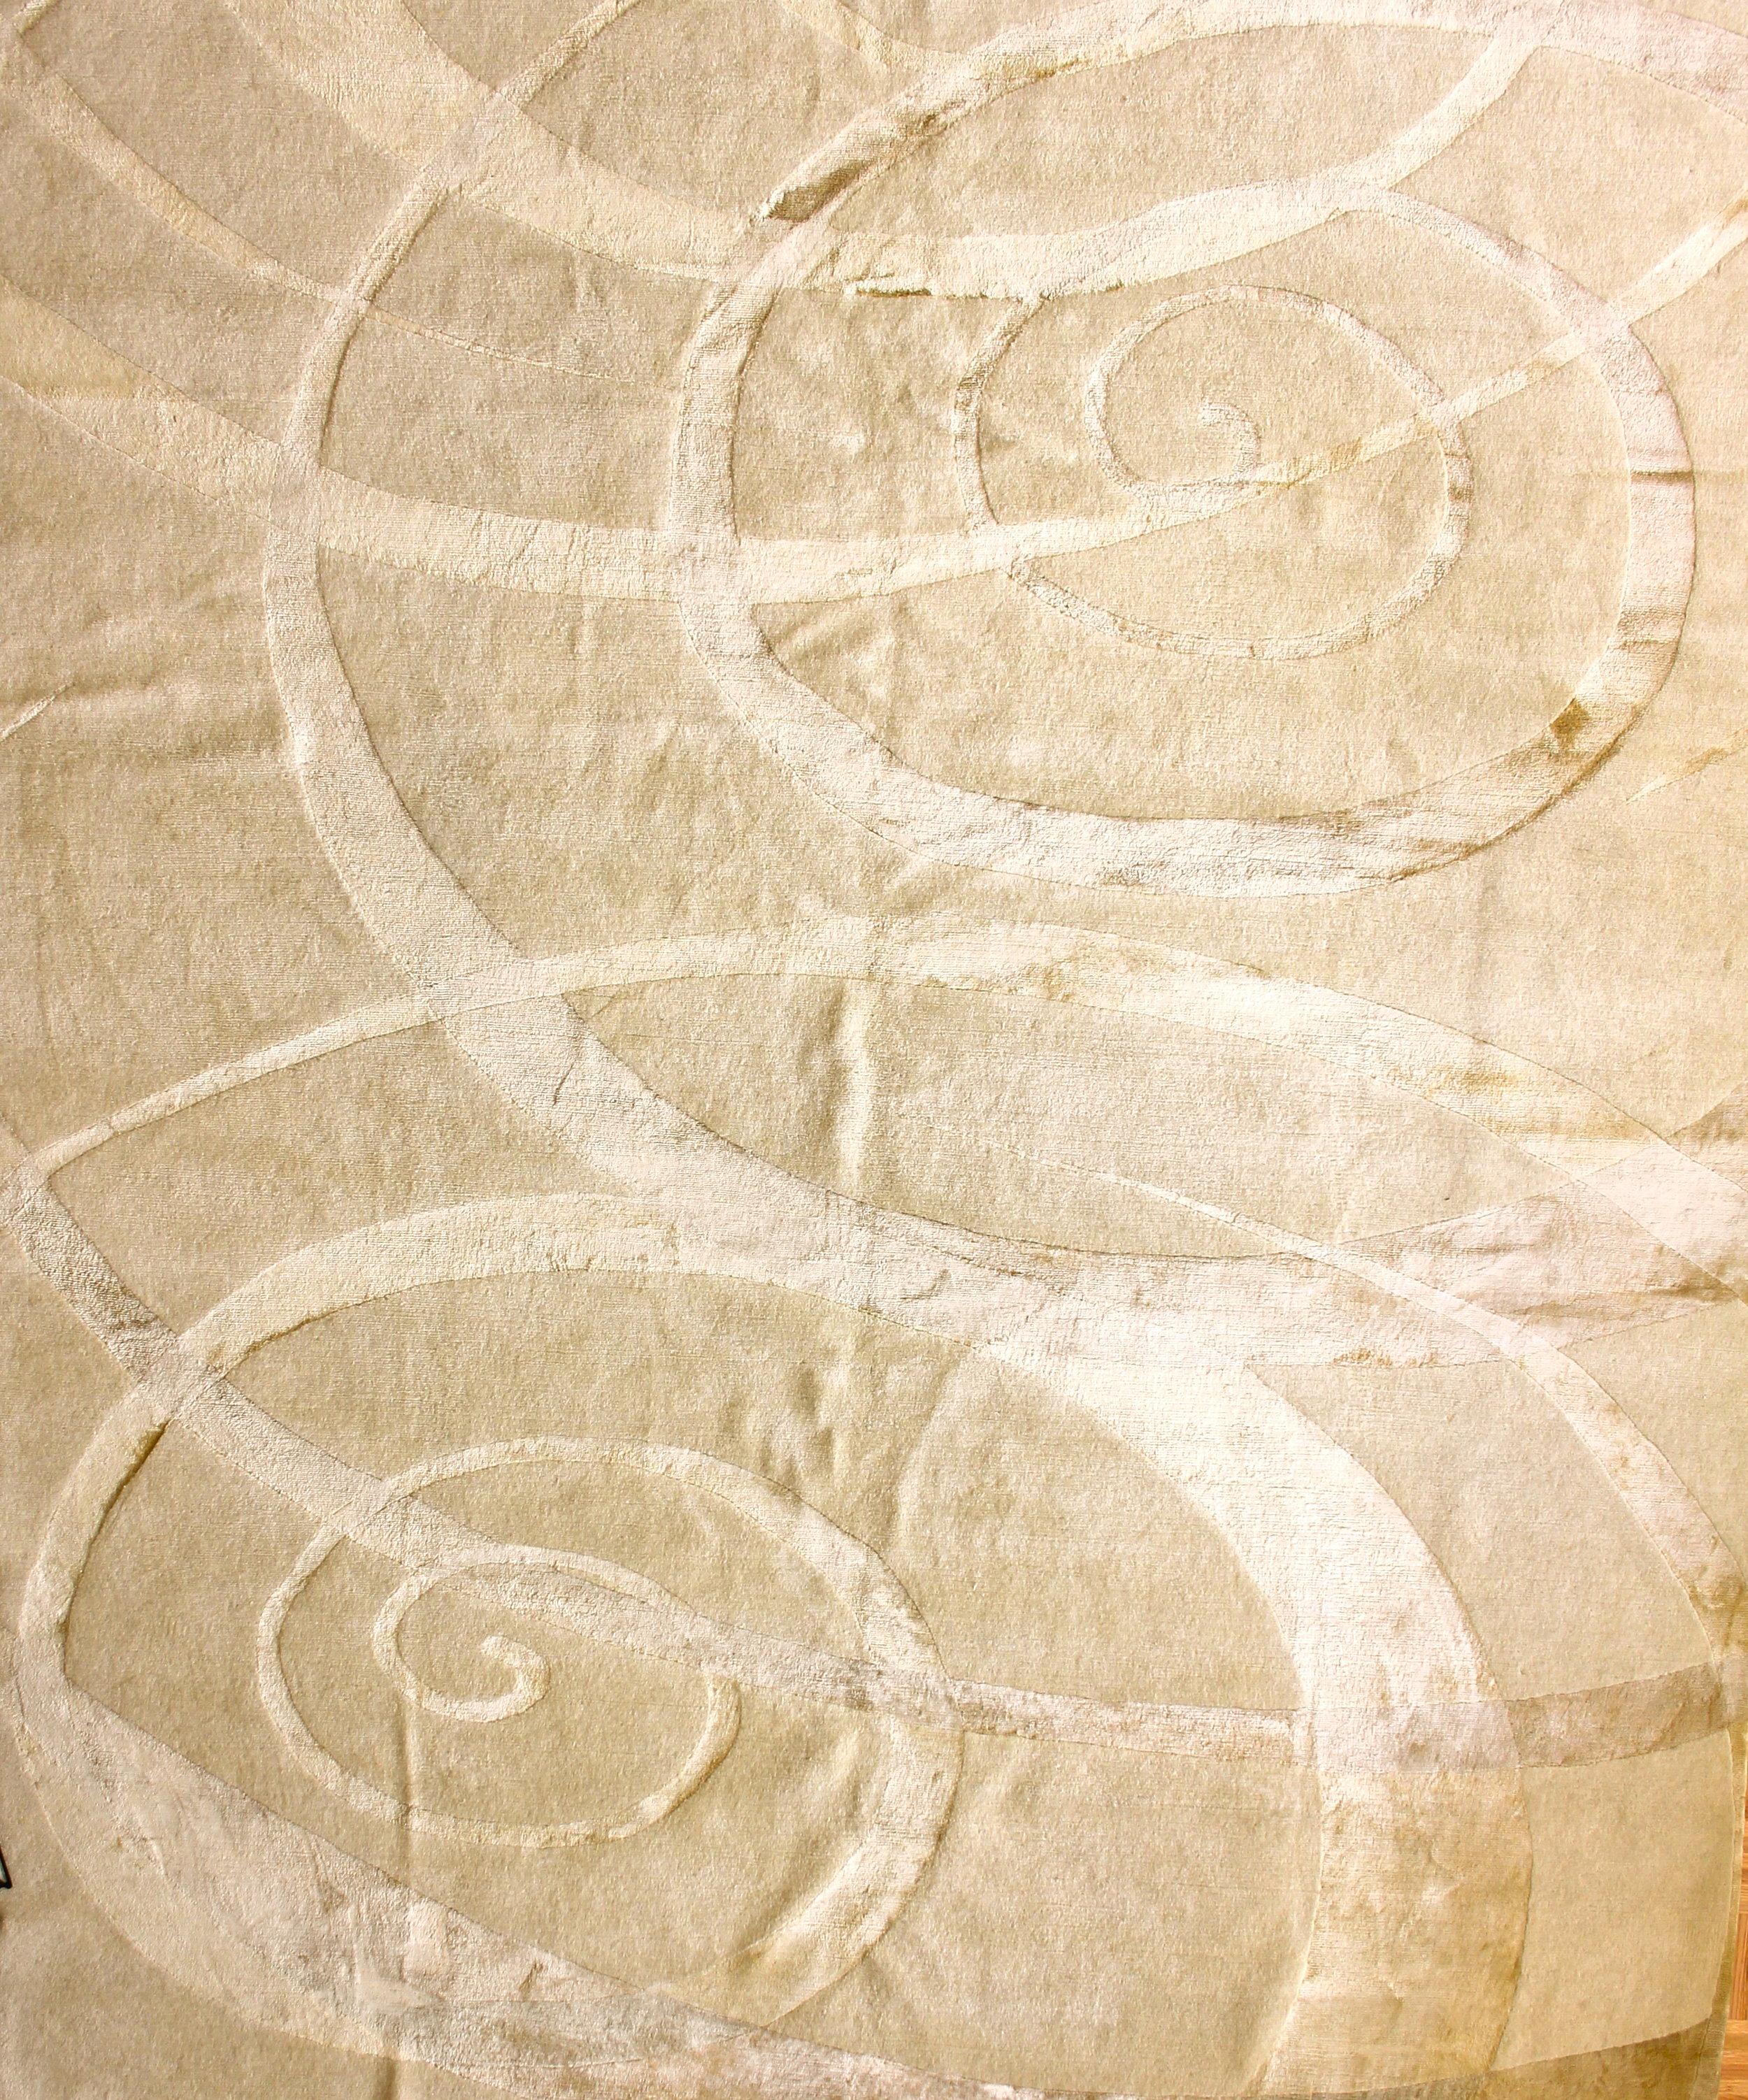 275 Swirls, Silk Mountain Wool, woven in Nepal, 8'x10'